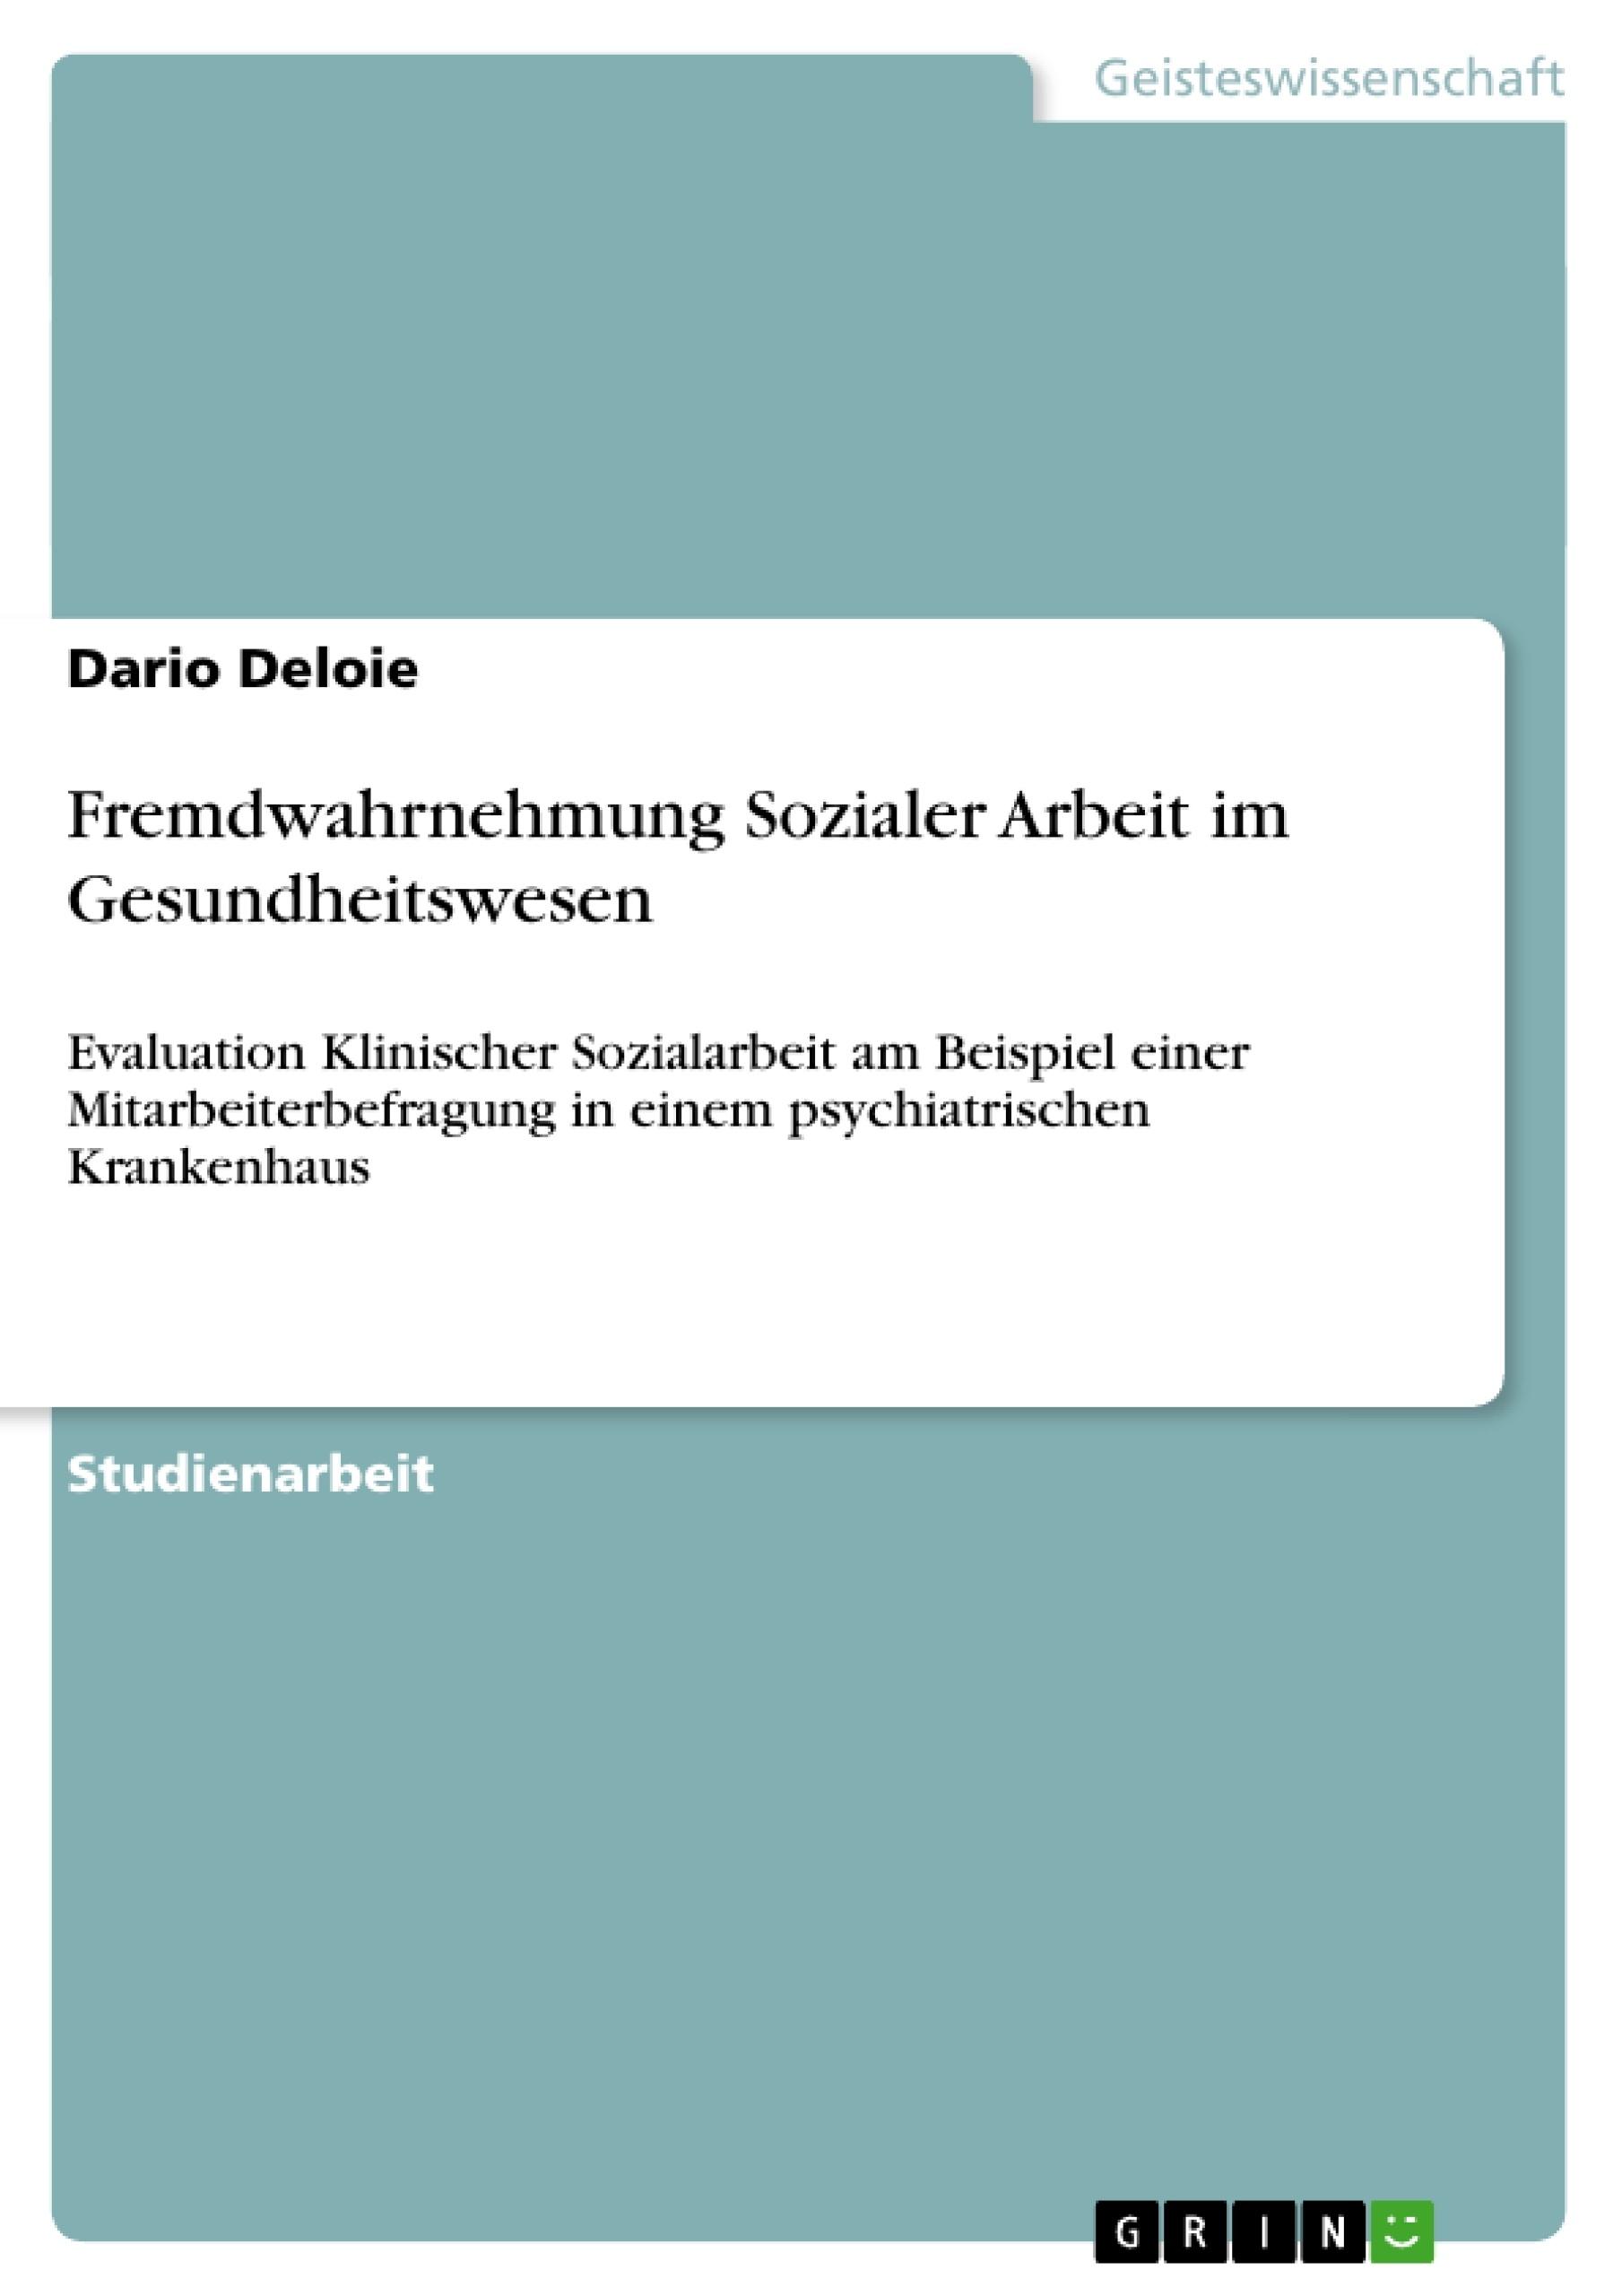 Titel: Fremdwahrnehmung Sozialer Arbeit im Gesundheitswesen